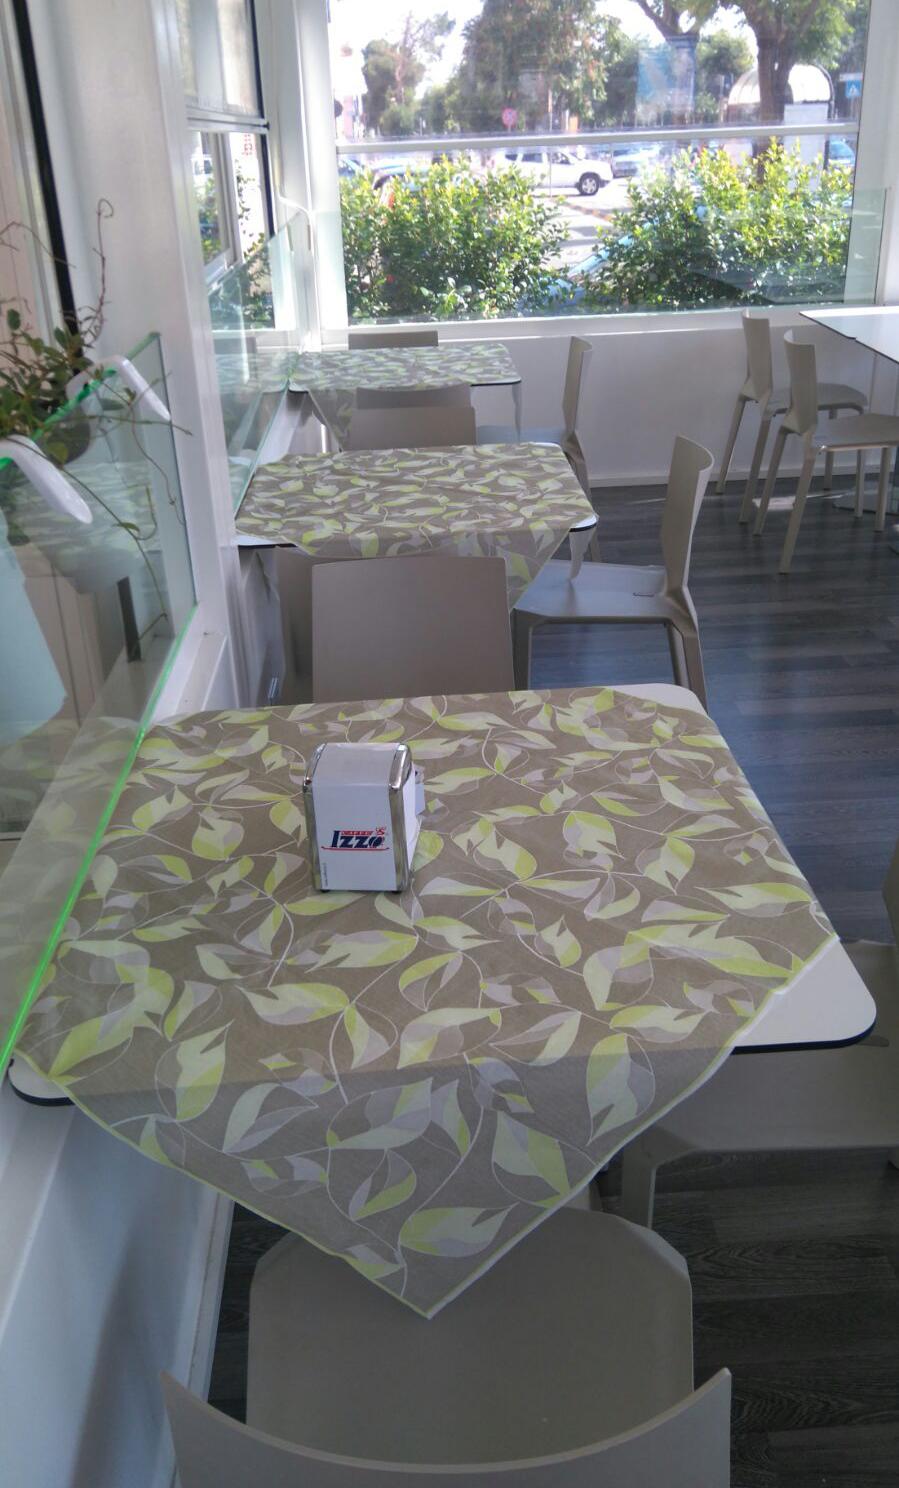 Nuovo volto alla ristorazione con il tovagliato monouso for Nuovo arredo andria catalogo